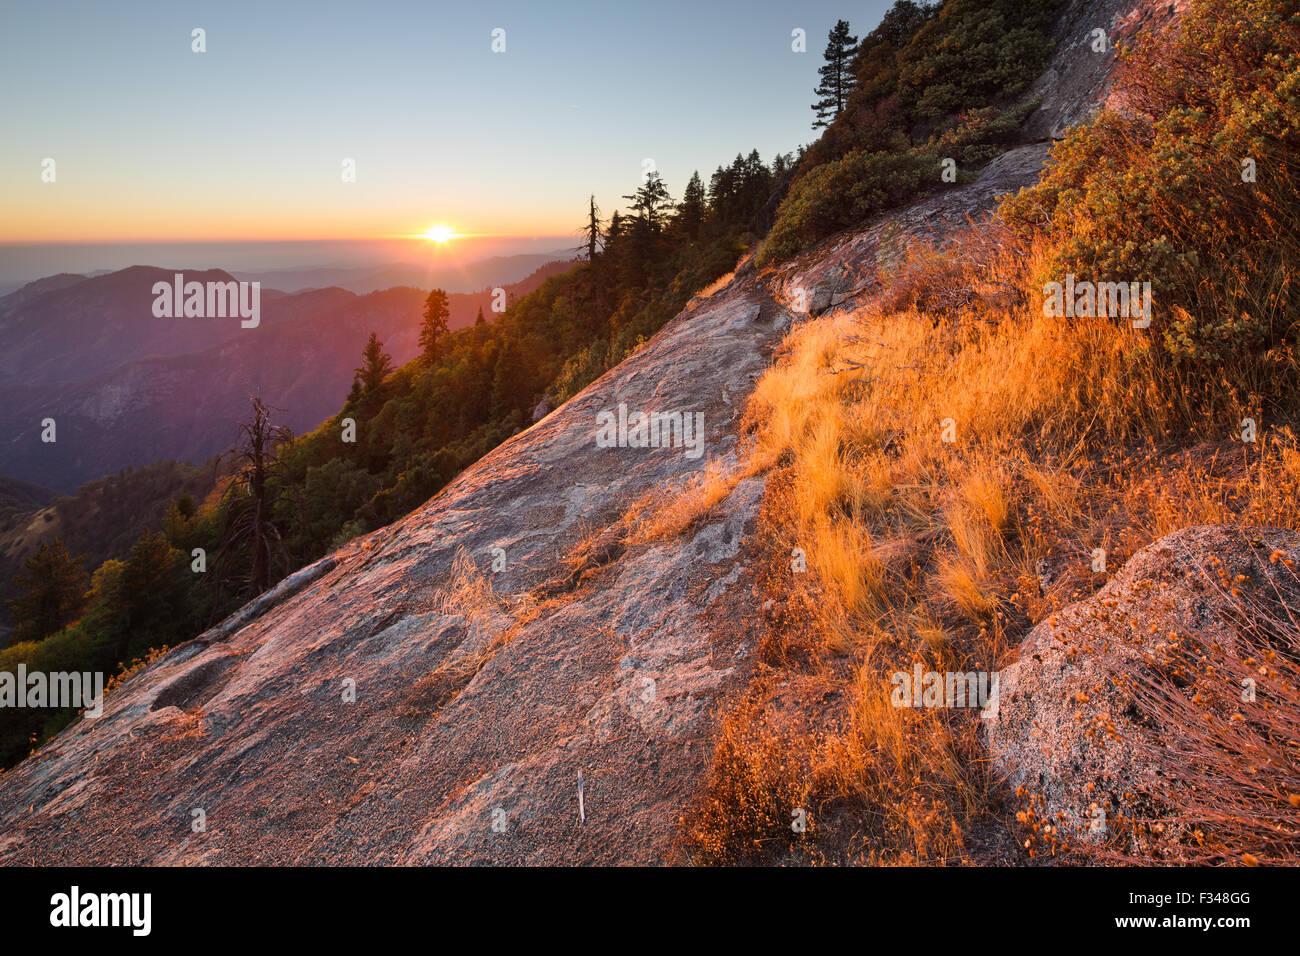 Sonnenuntergang über der Sierra Nevada von Hanging Rock, Sequoia Nationalpark, Kalifornien, USA Stockbild